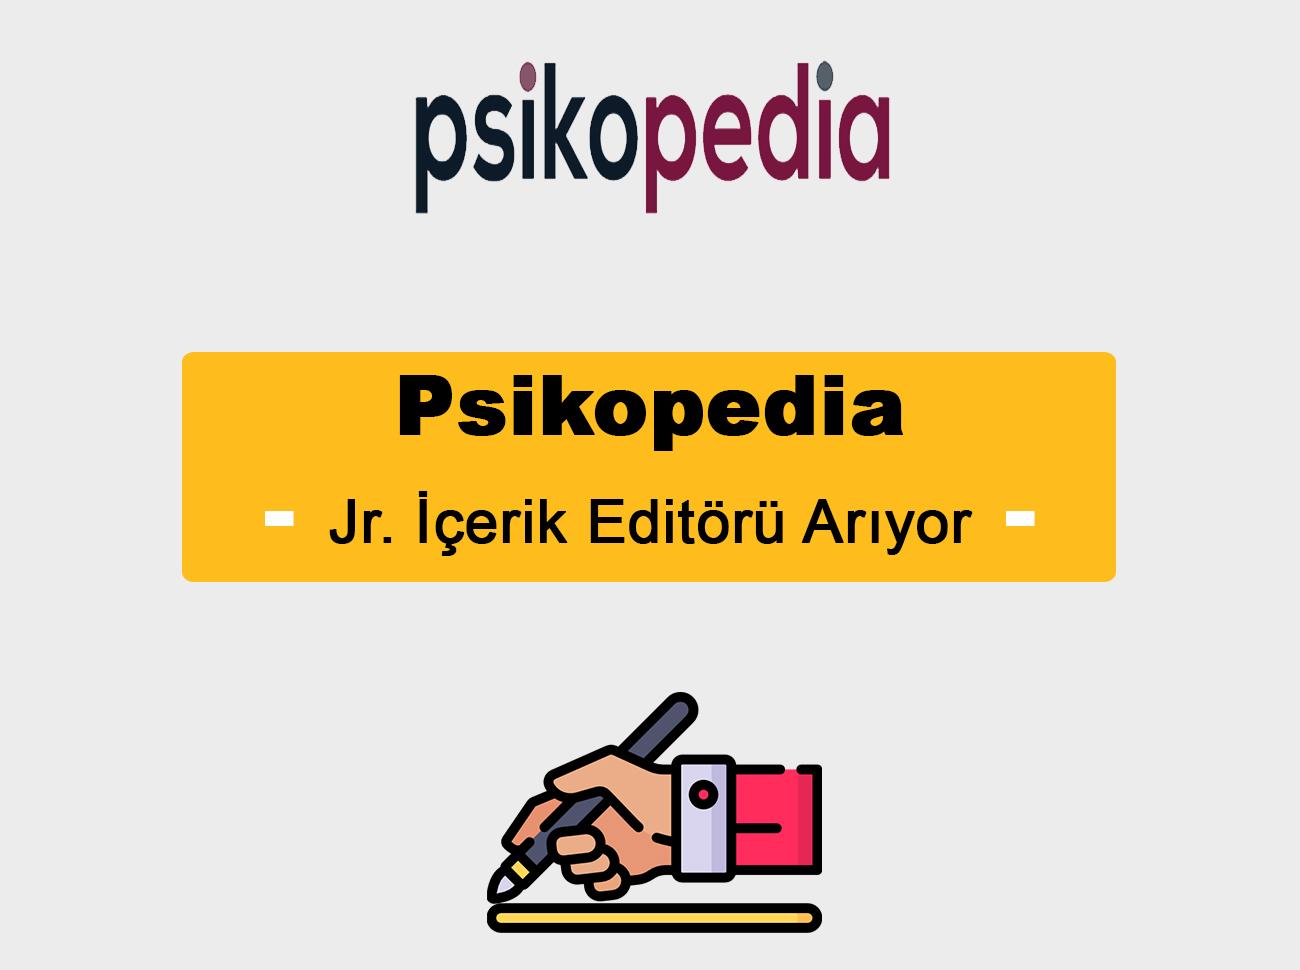 Psikopedia Jr. İçerik Editörü Arıyor